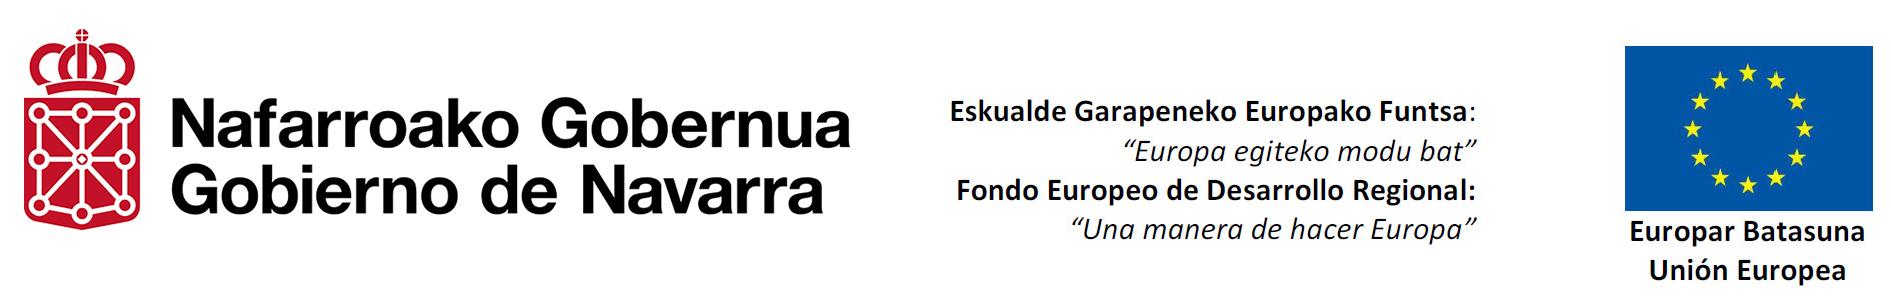 Esta empresa ha recibido ayudas cofinanciadas al 50% por el Fondo Europeo de Desarrollo Regional a través del Programa Operativo FEDER 2014-2020 de Navarra. Esta empresa ha recibido ayudas cofinanciadas al 50% por el Fondo Europeo de Desarrollo Regional a través del Programa Operativo FEDER 2014-2020 de Navarra.Esta empresa ha recibido una ayuda del Gobierno de Navarra en virtud de la convocatoria de 2021 de Fomento de la Empresa Digital Navarra.